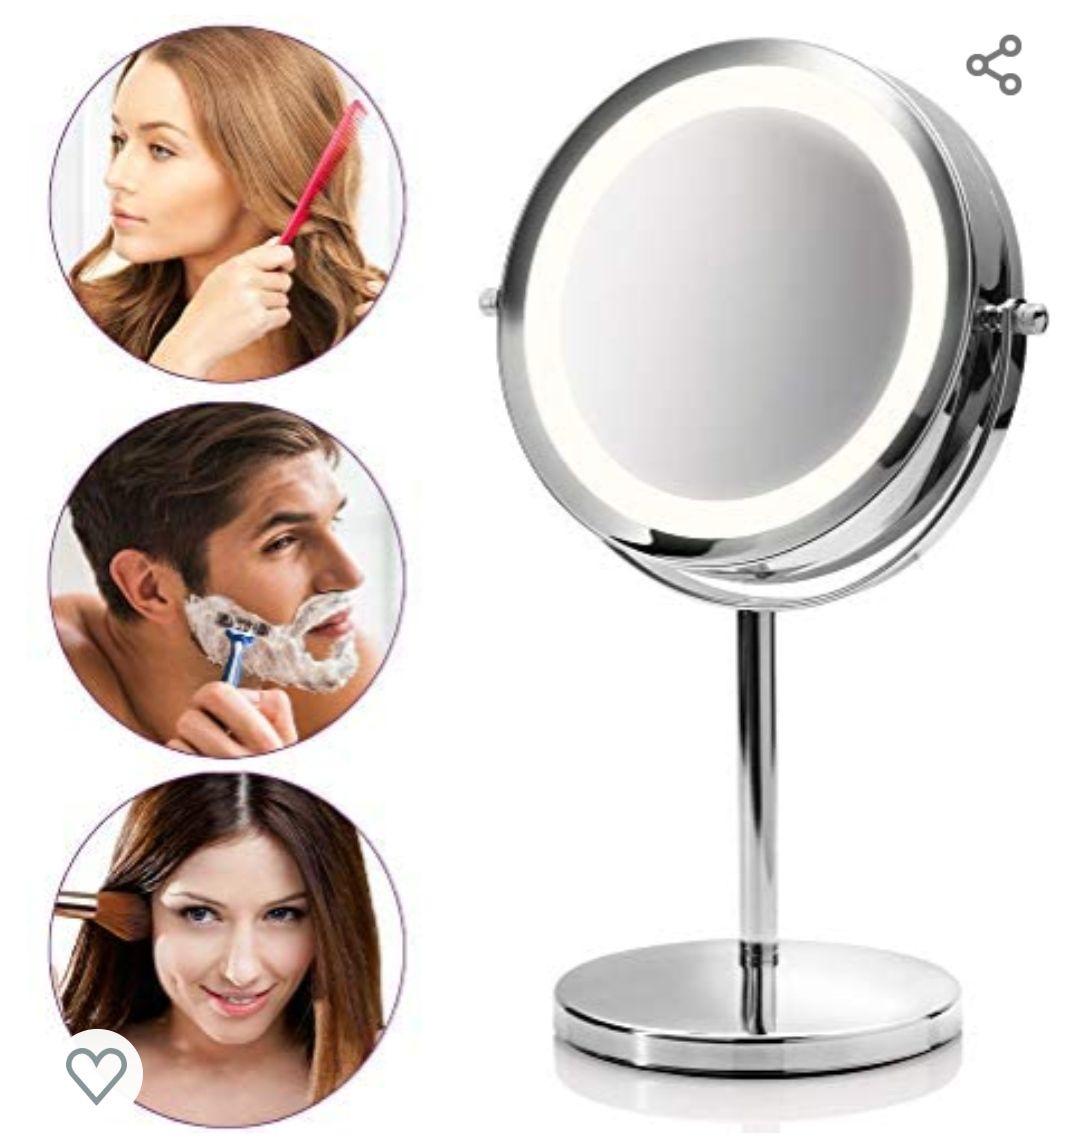 Espejo de Mesa con Iluminación Led y 5 Aumentos - Espejo de Maquillaje con Función de Giro de 360